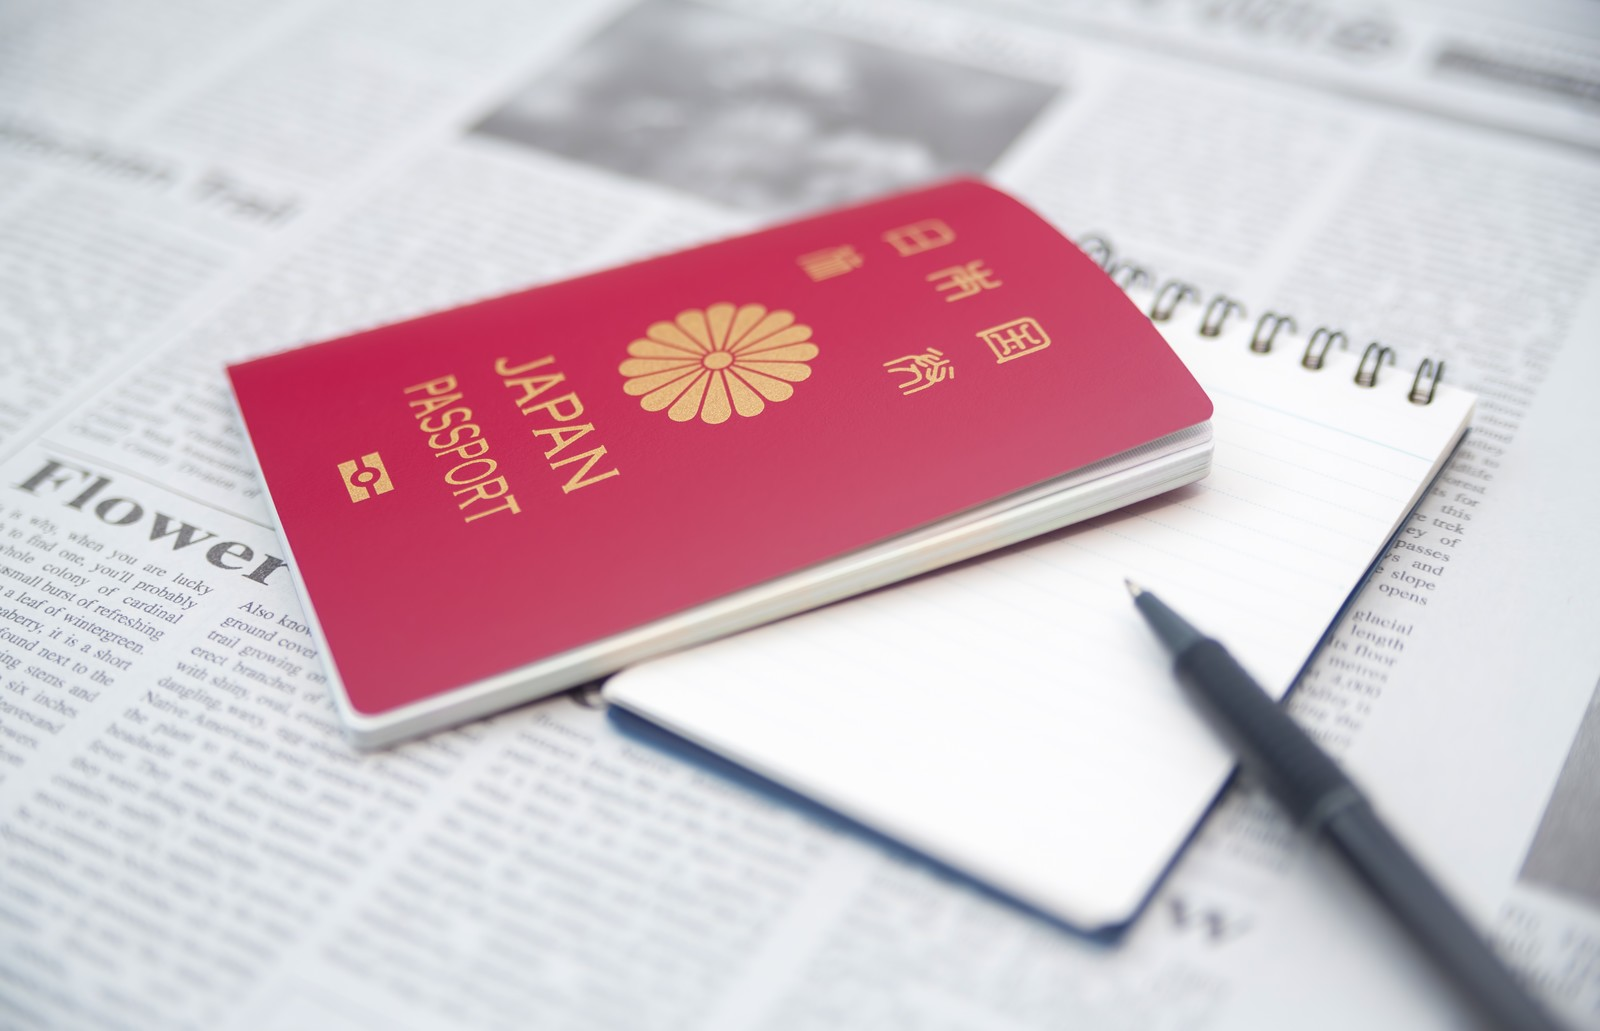 【WH】最新♡韓国ワーホリビザ申請に必要な物をまとめてみた